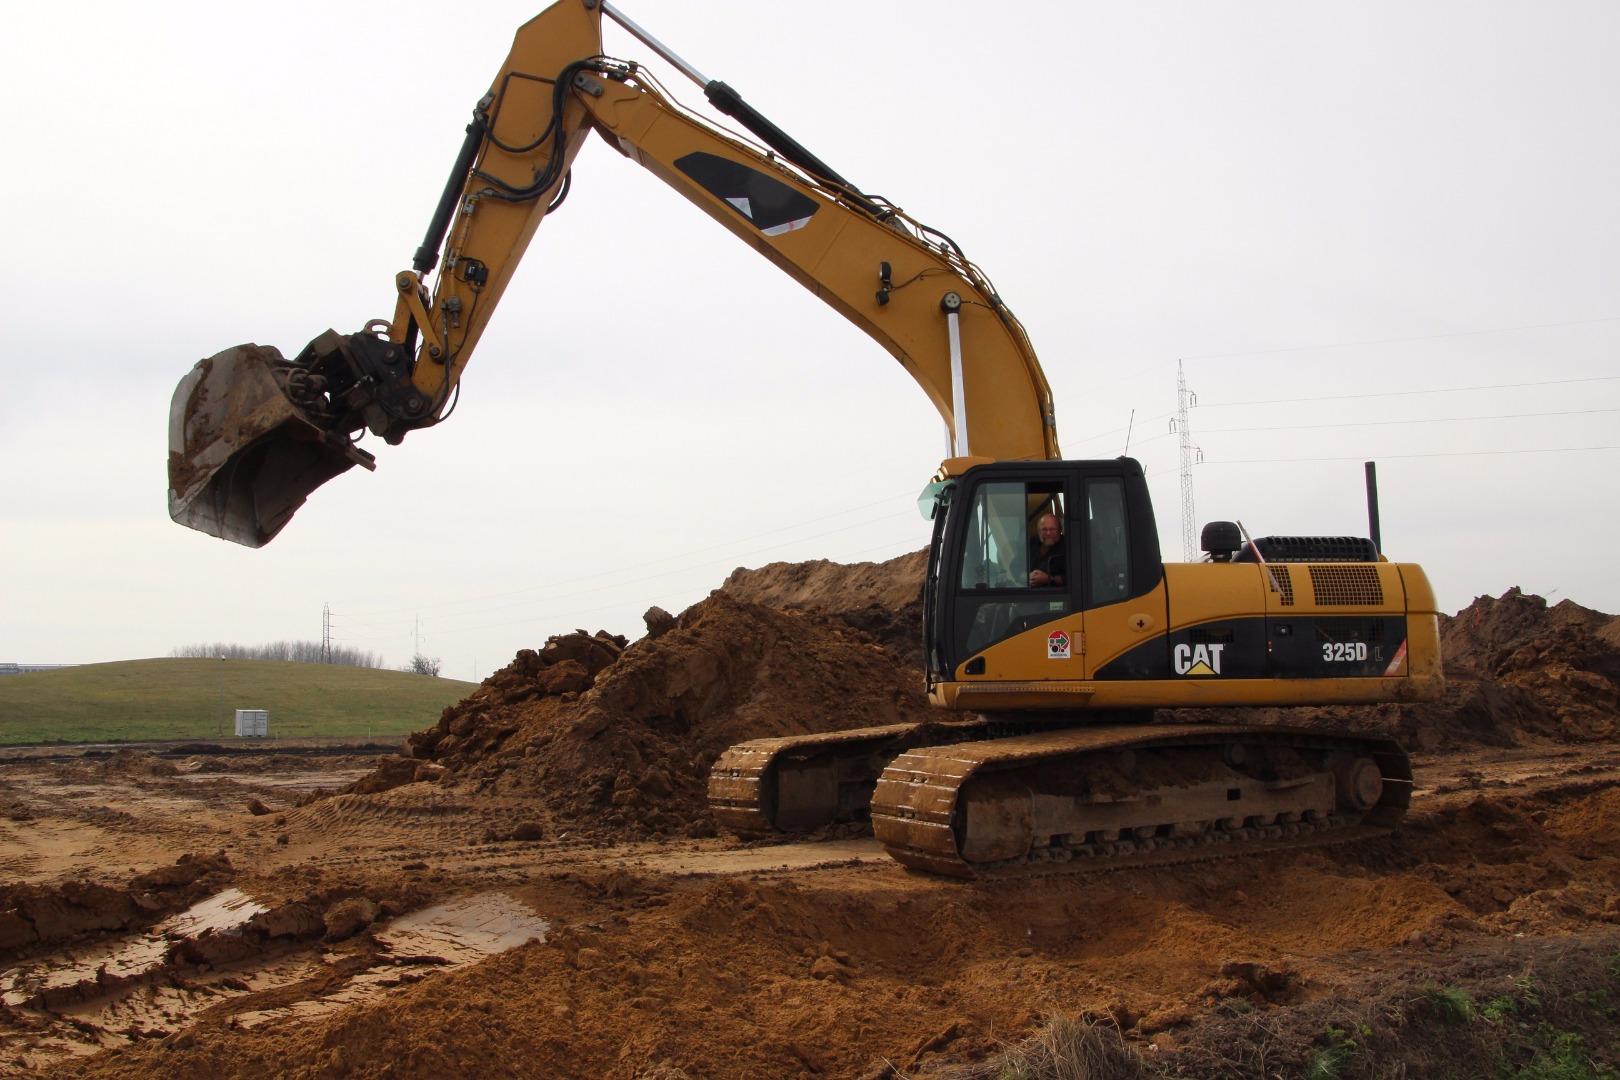 Jord, kloak, beton & belægning HM A/S har 45 års erfaring med kerneområderne jordarbejde, byggemodning, kloak, beton og belægning. Vi er klar til små og store opgaver, alene eller sammen med andre og vi leverer kvalitetsarbejde til aftalt tid.